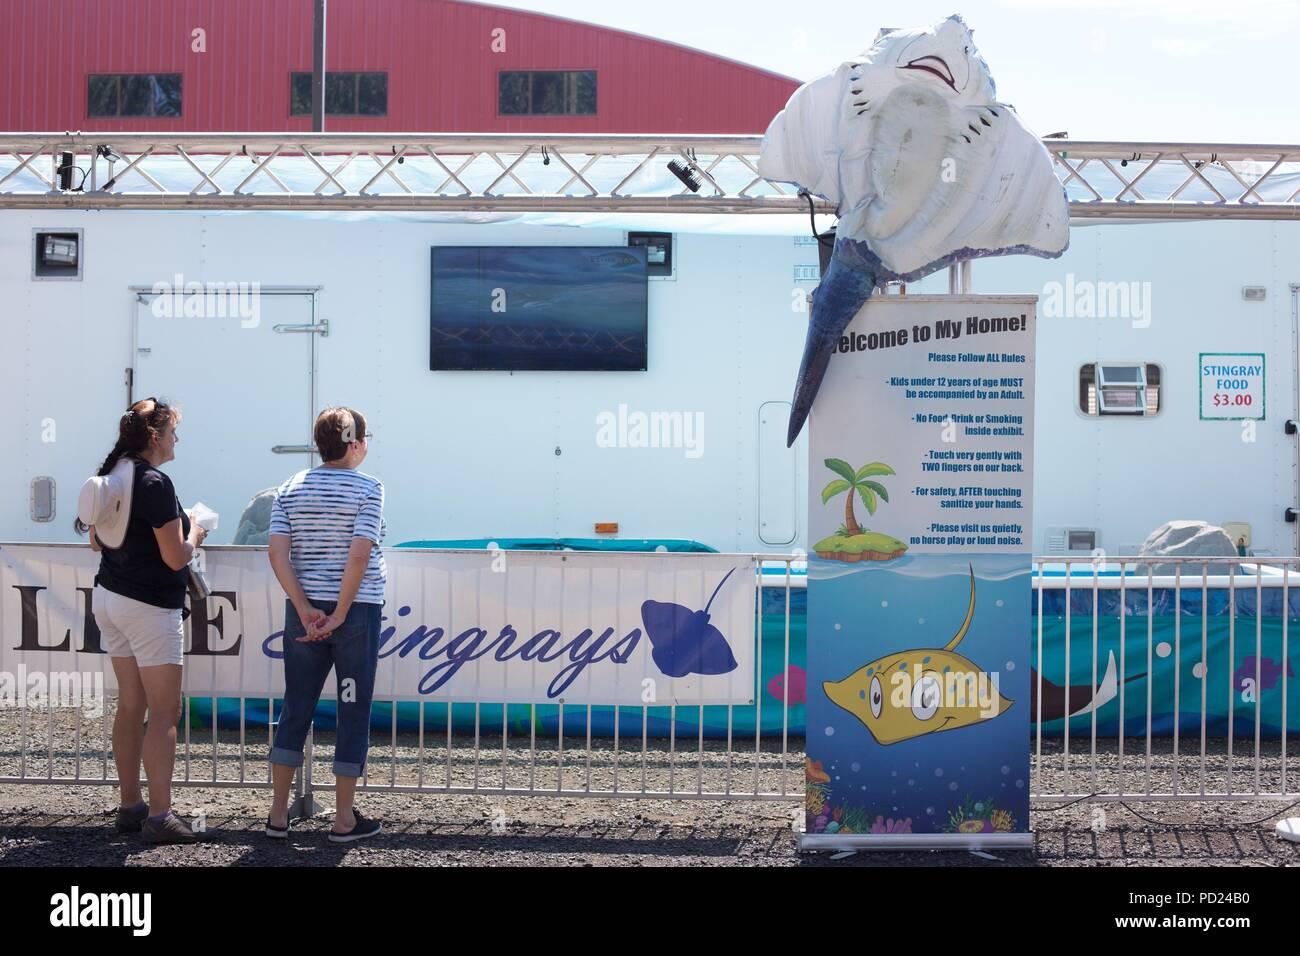 A live stingray encounter exhibit at the Benton County fair in Corvallis, Oregon, USA. - Stock Image